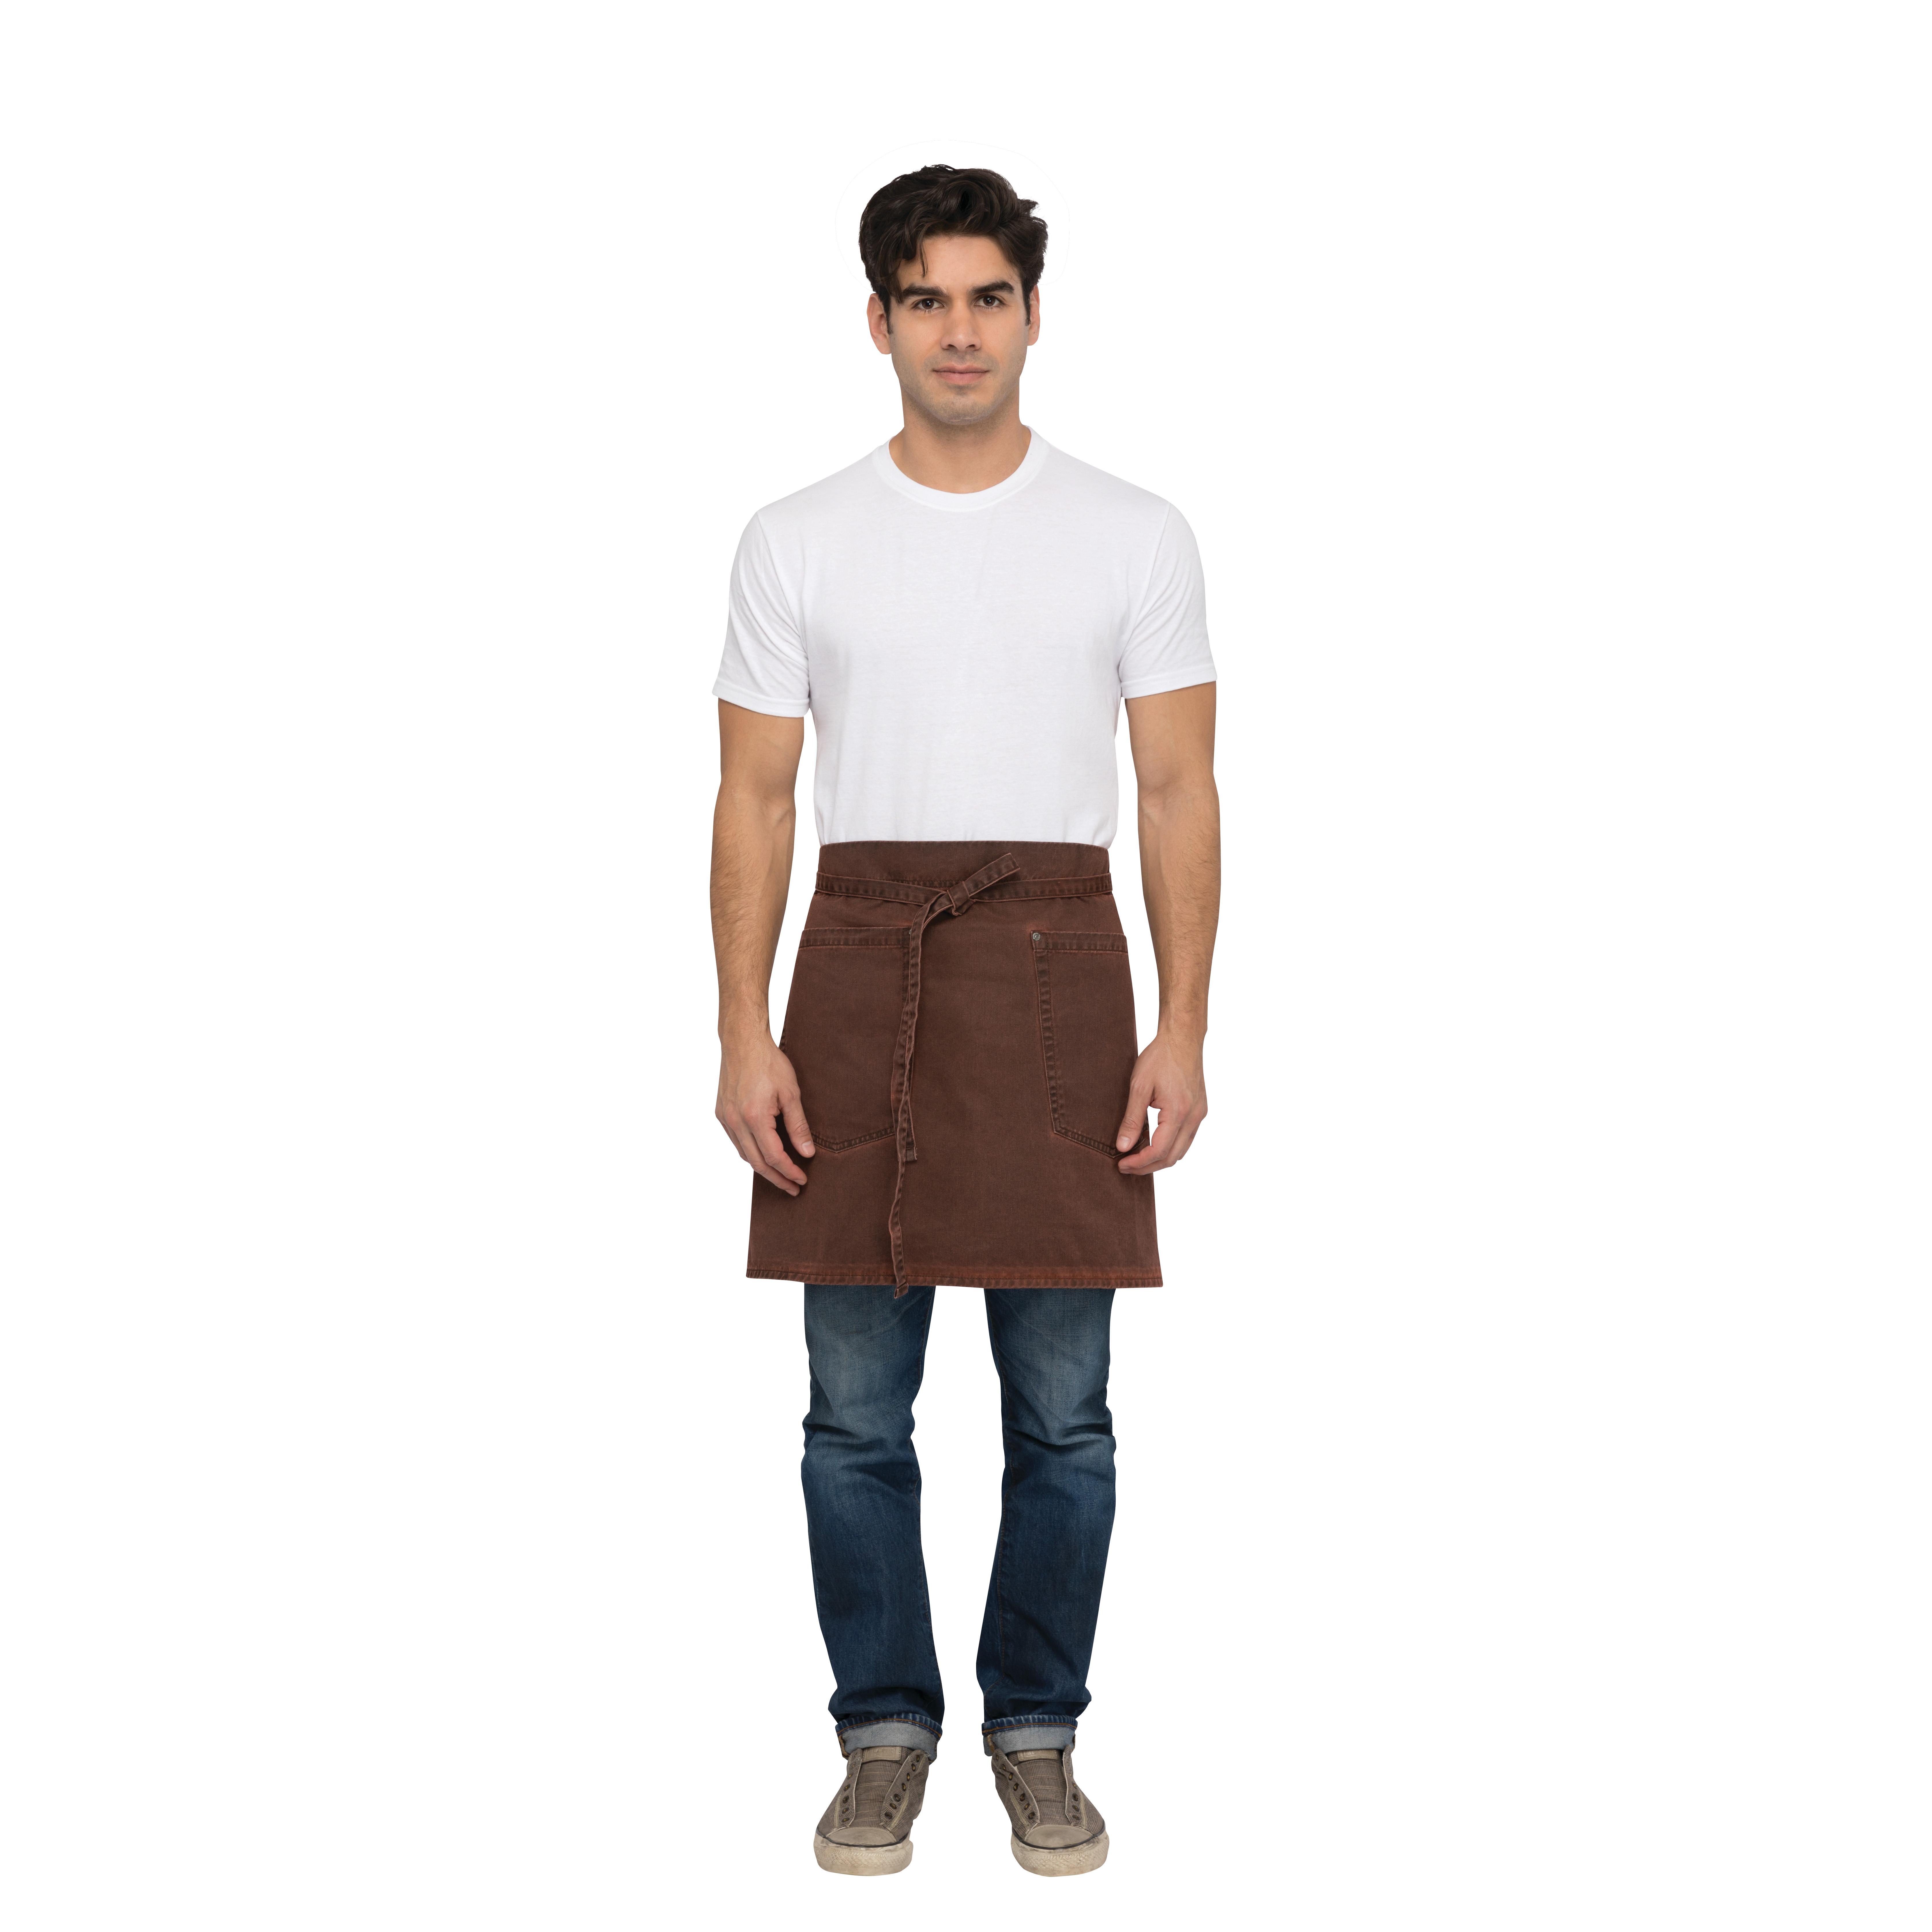 Chef Works AHWAQ014RUS0 waist apron